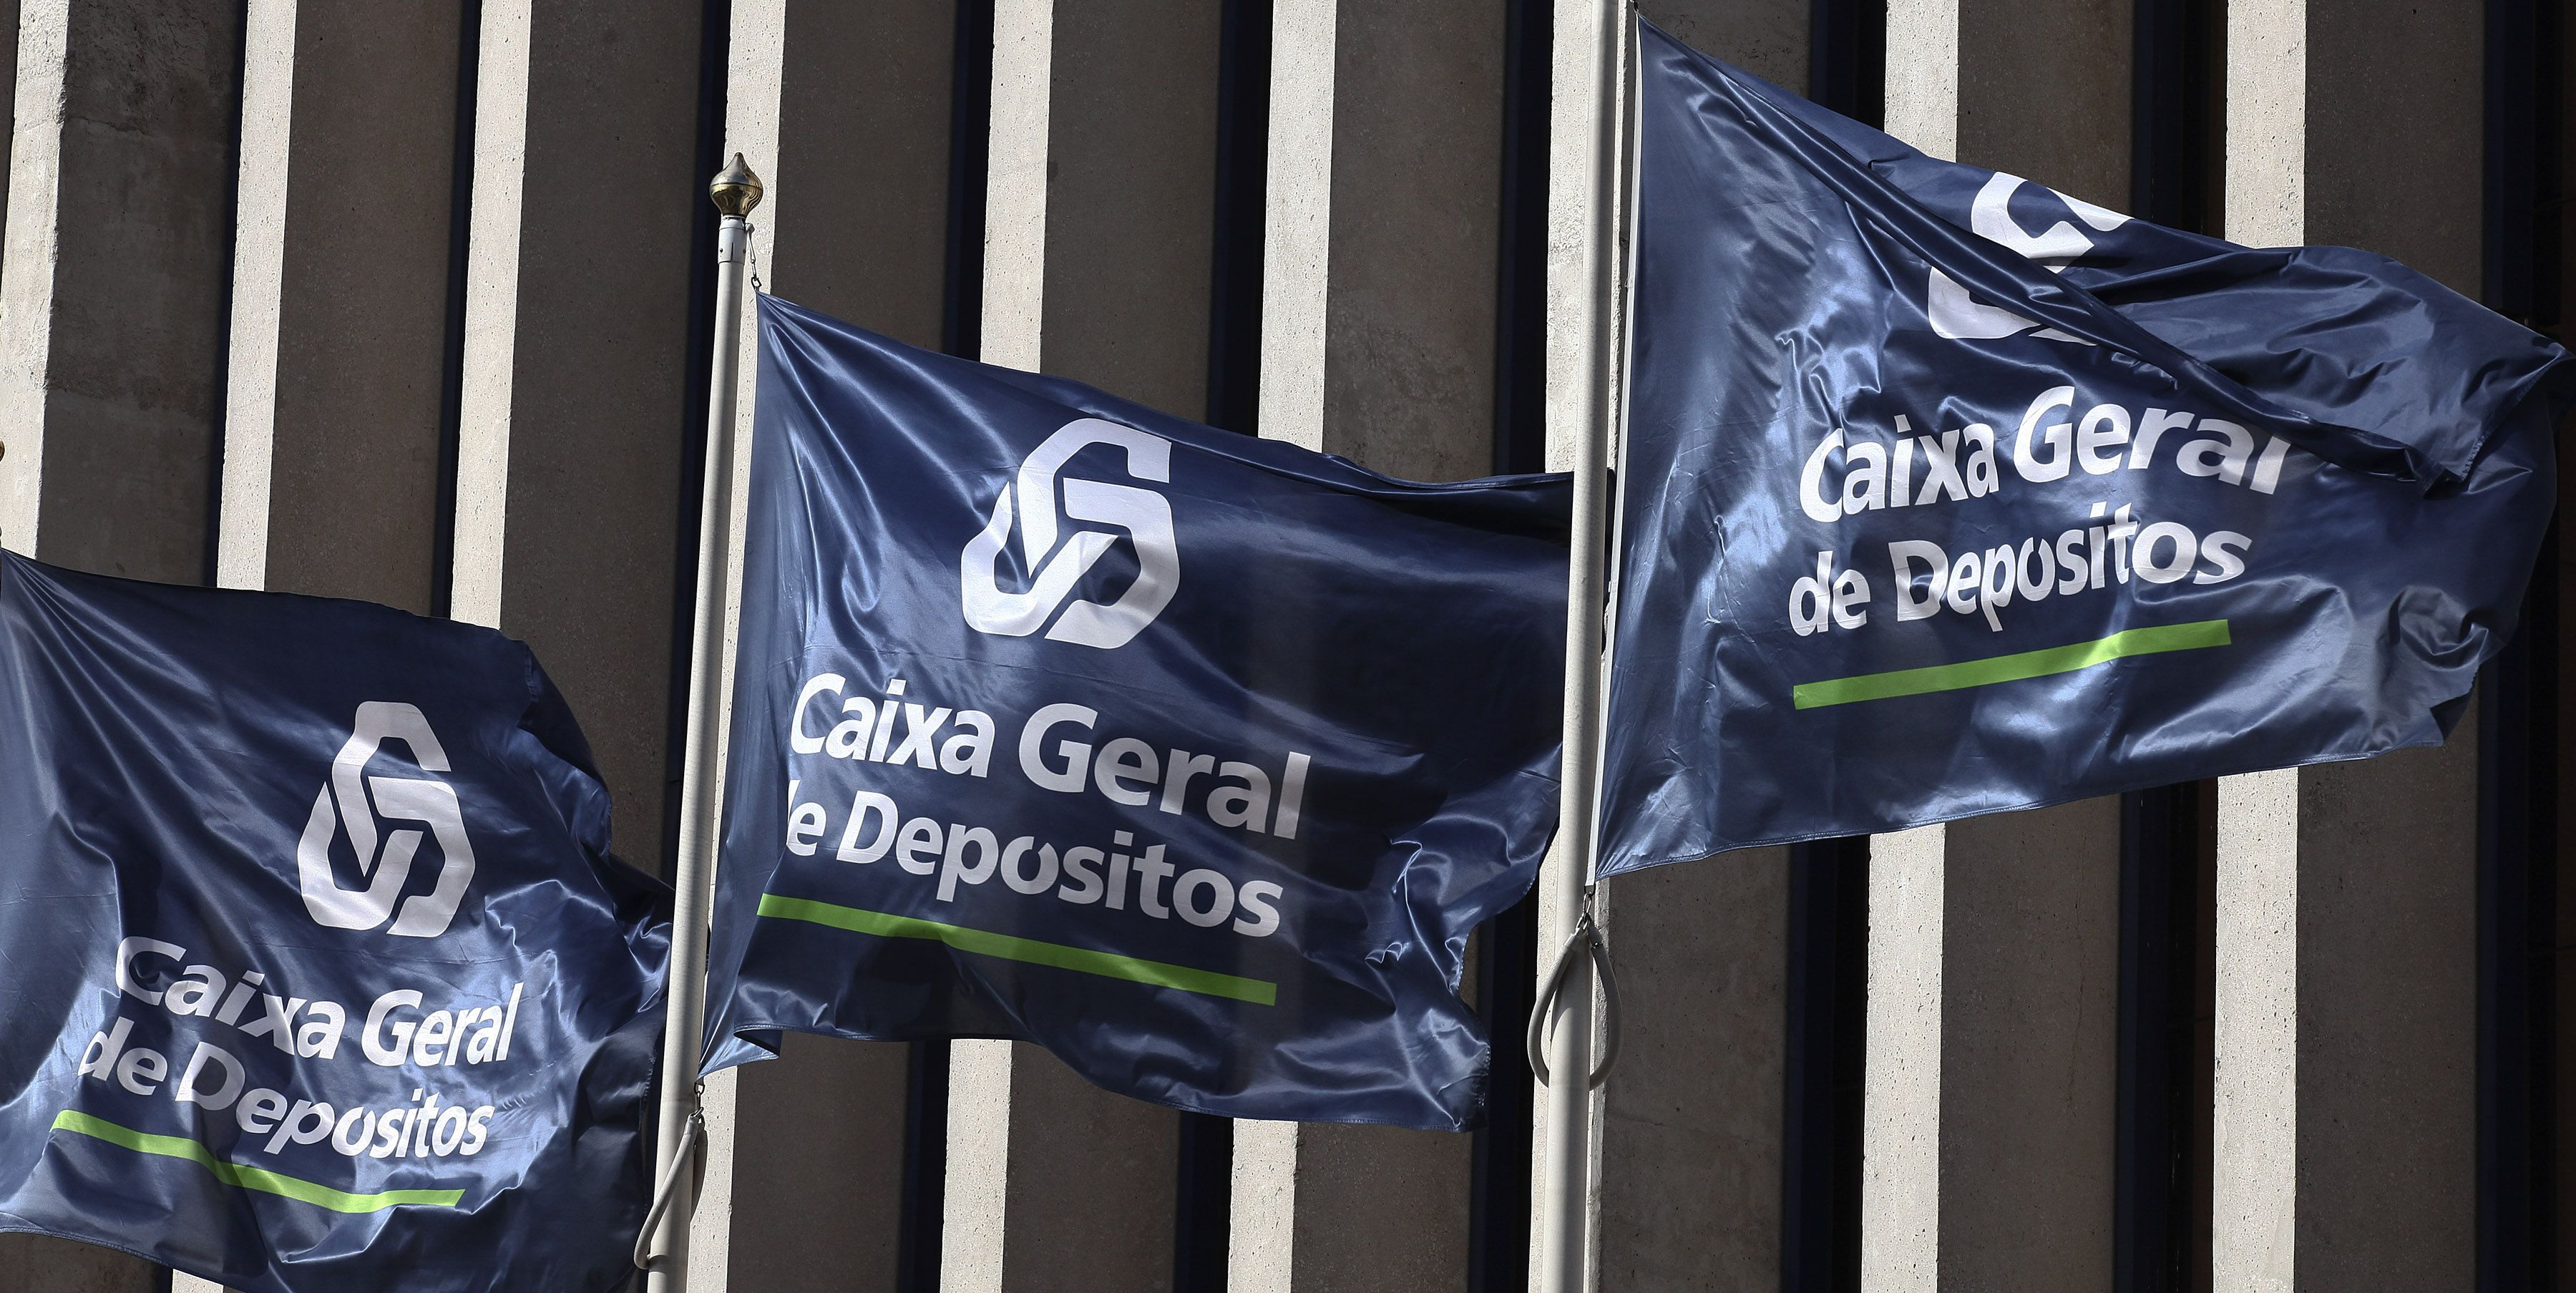 Caixa reduz prejuízos para 50 milhões de euros no 1º semestre